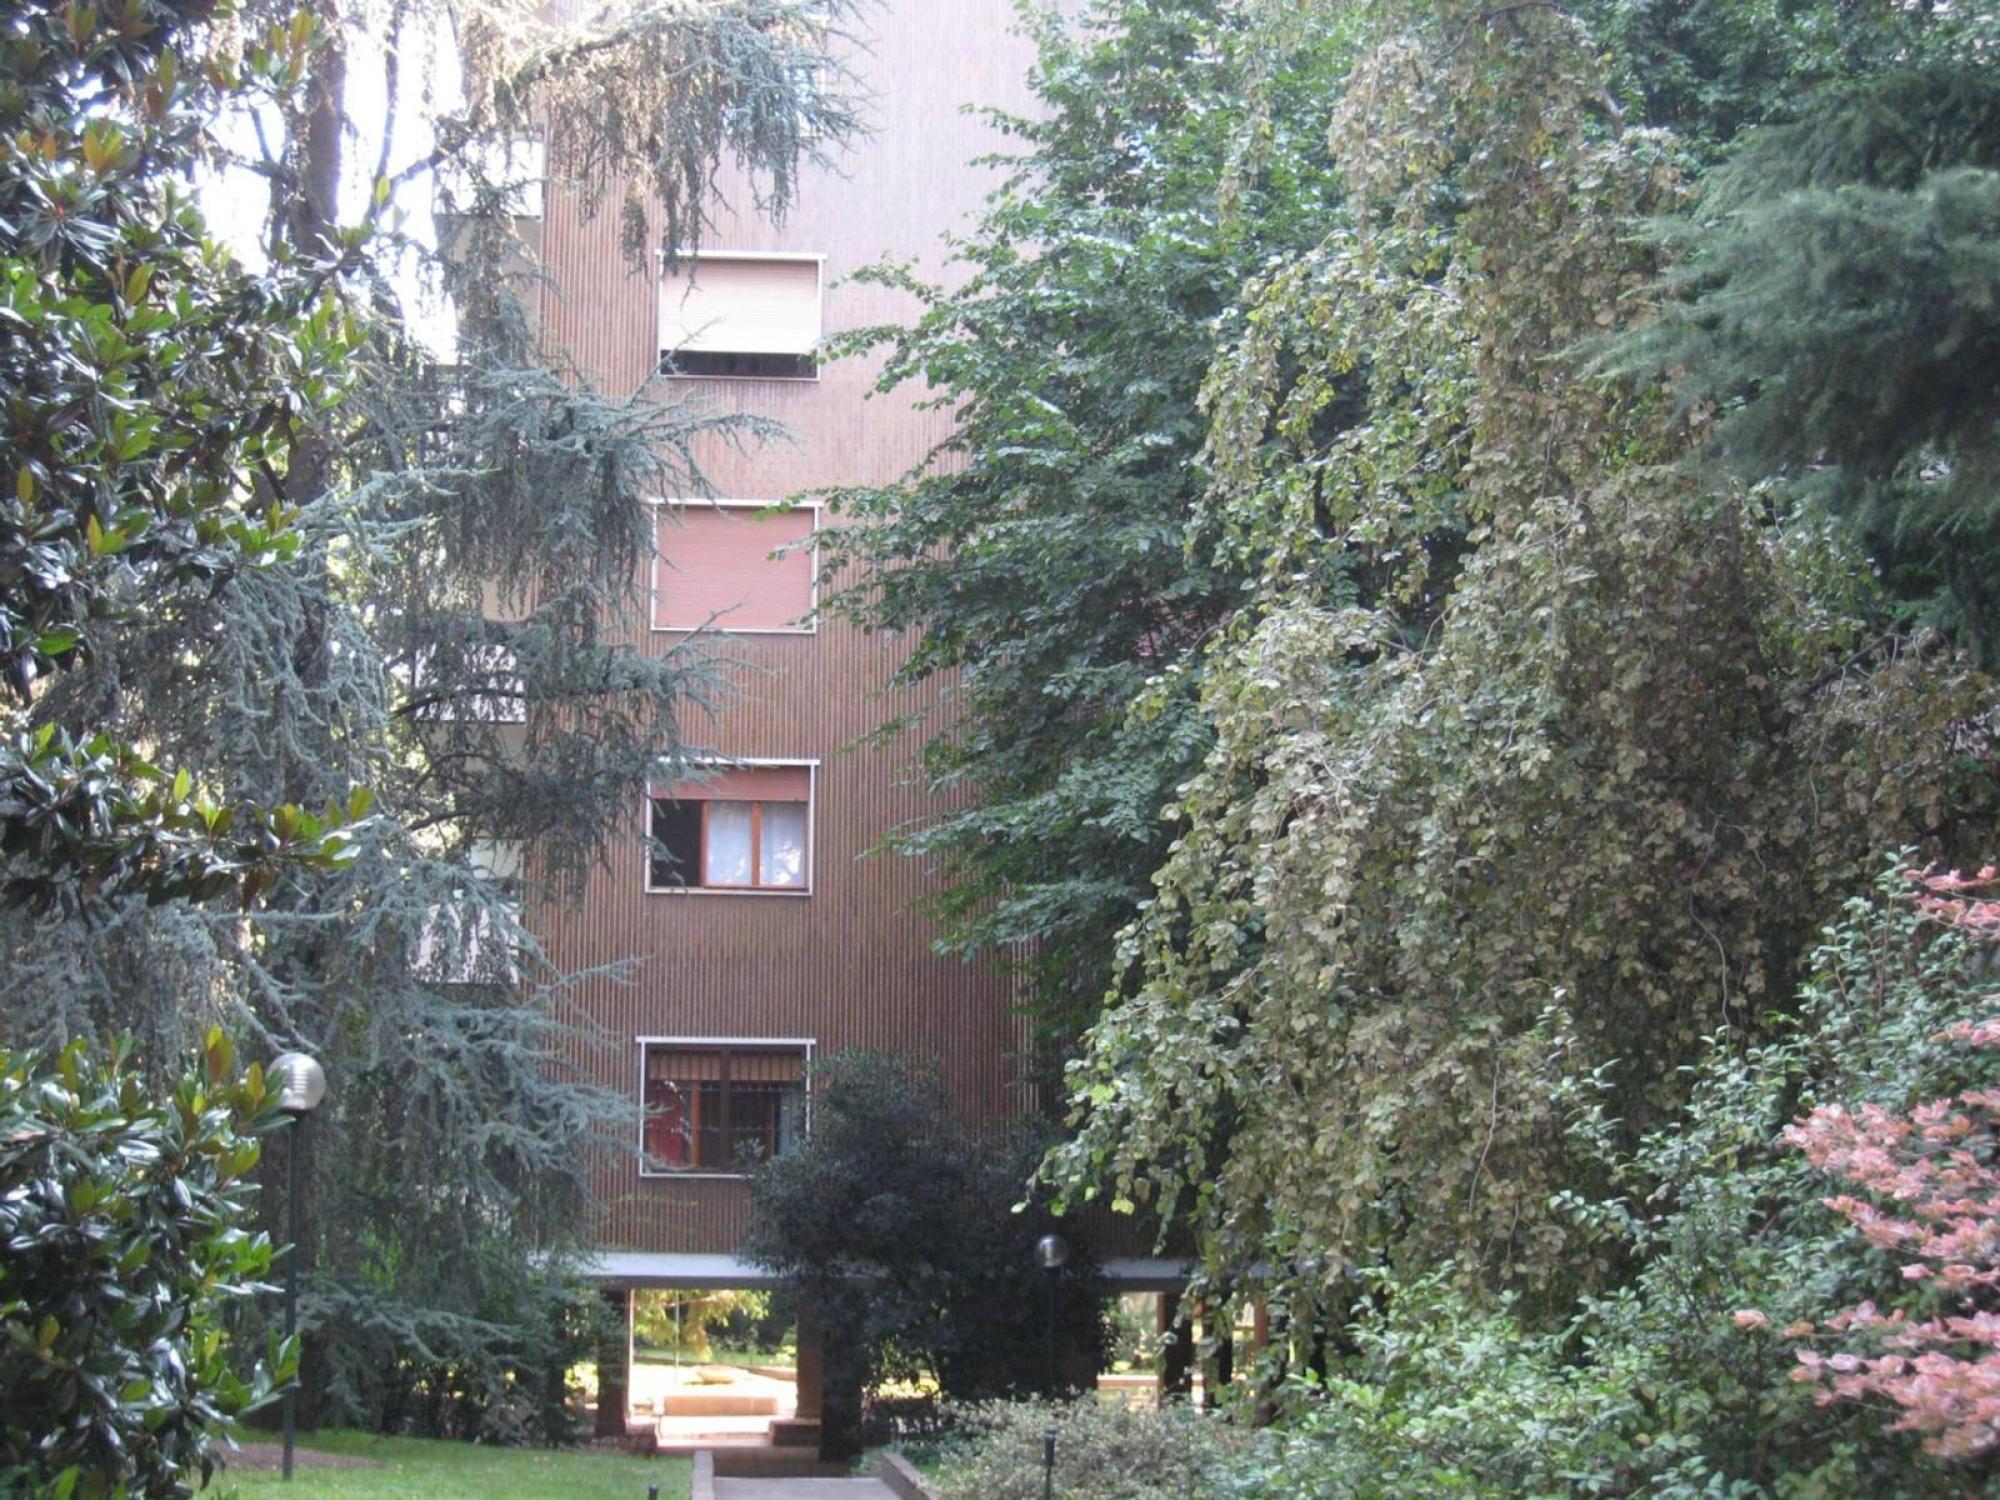 Via alberti 5 mh32 agenzia immobiliare milano for Immobiliare milano